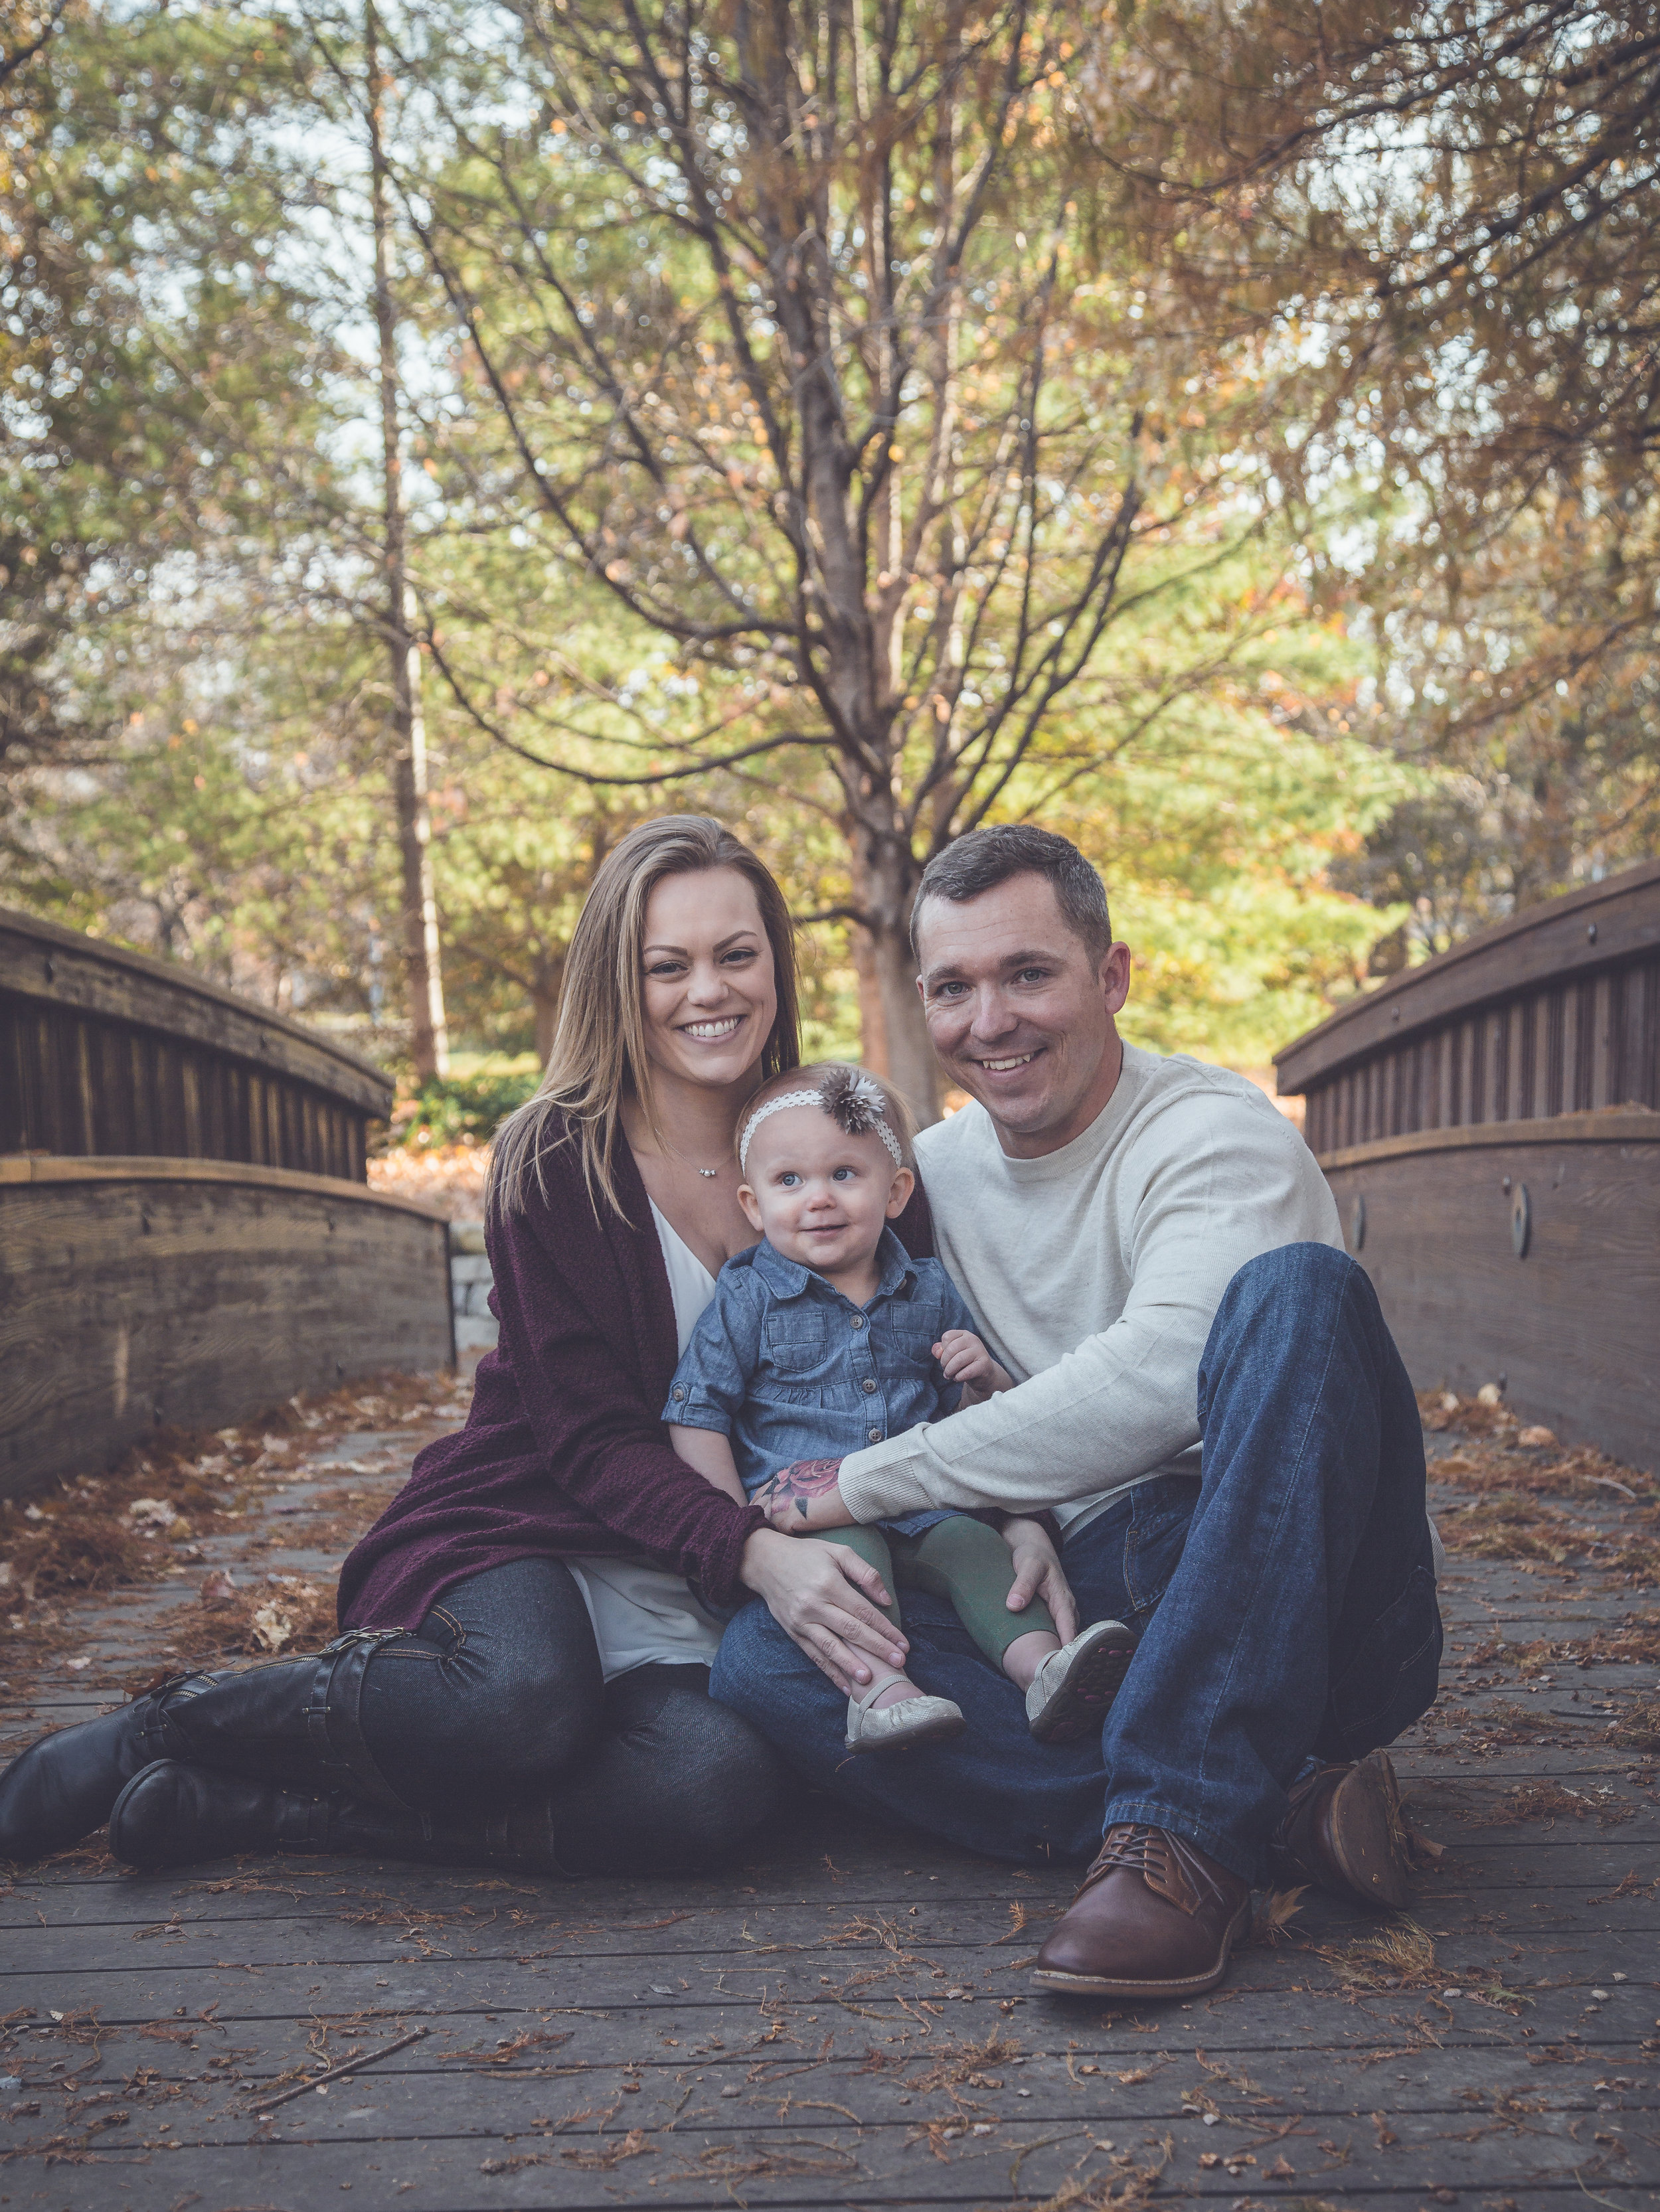 Bennett-Burrell Family Photos 2018 (28 of 39).jpg